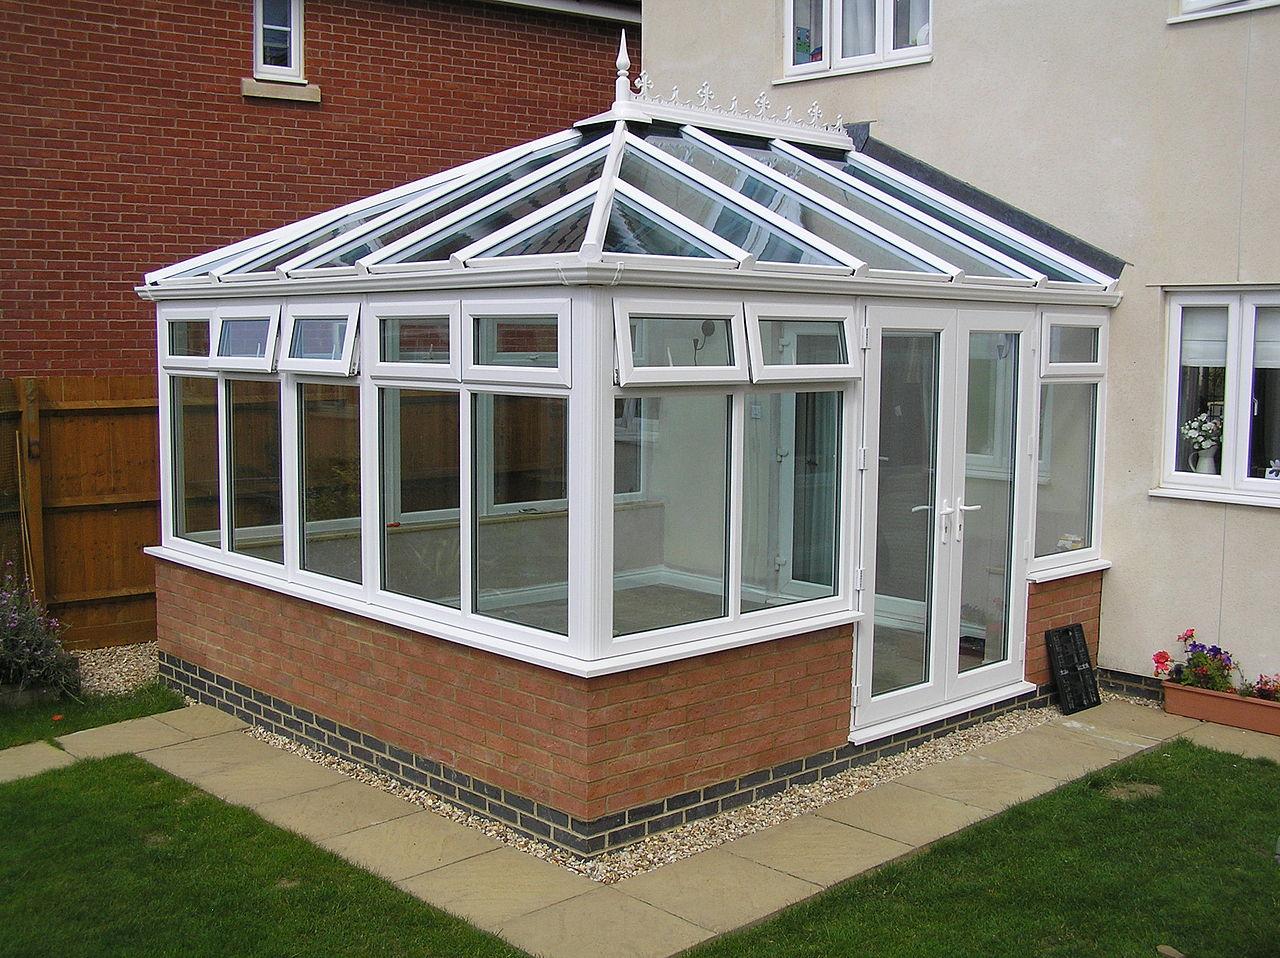 1280px-Edwardian_conservatory.jpg